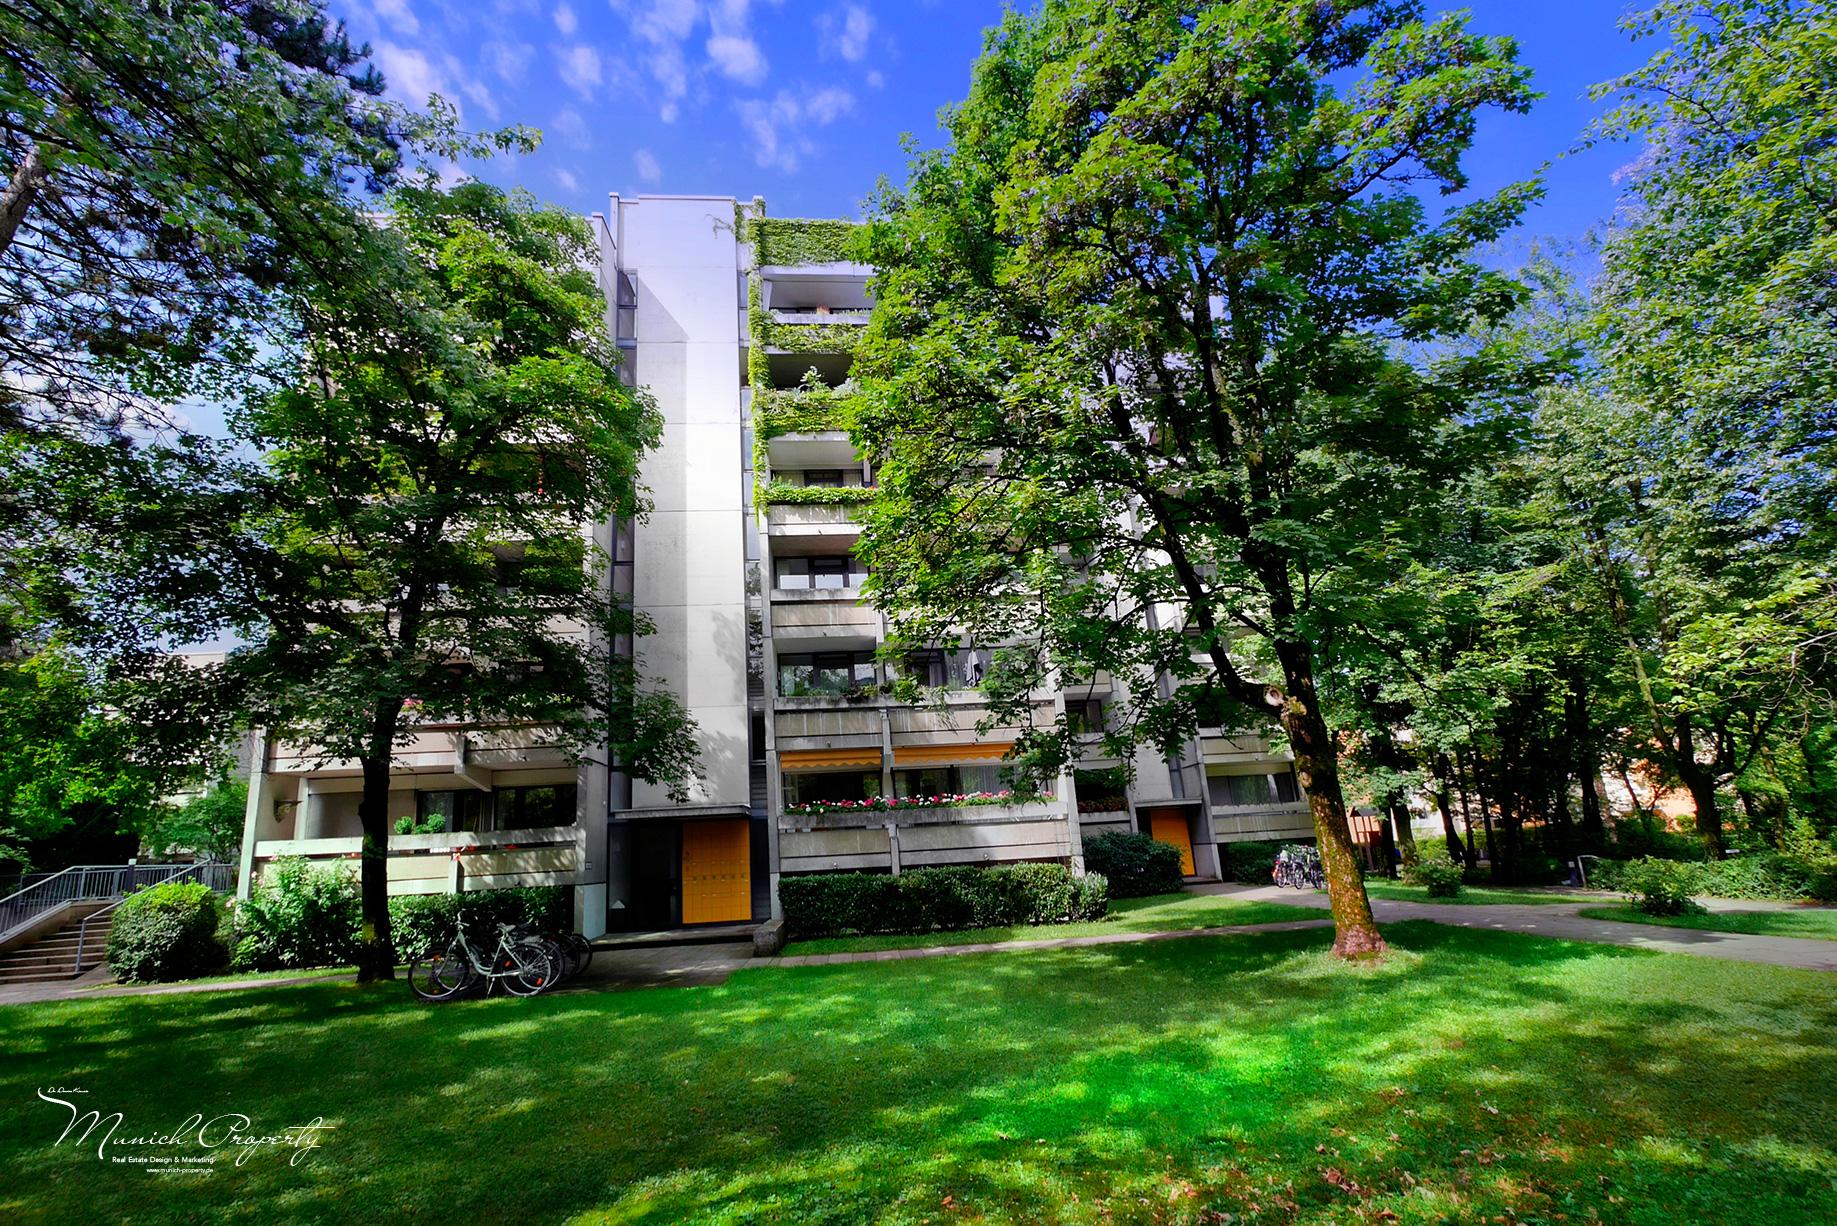 Wohnung München Bogenhausen Fideliopark Knappertsbuschstrasse: gepflegte grüne Wohnanlage